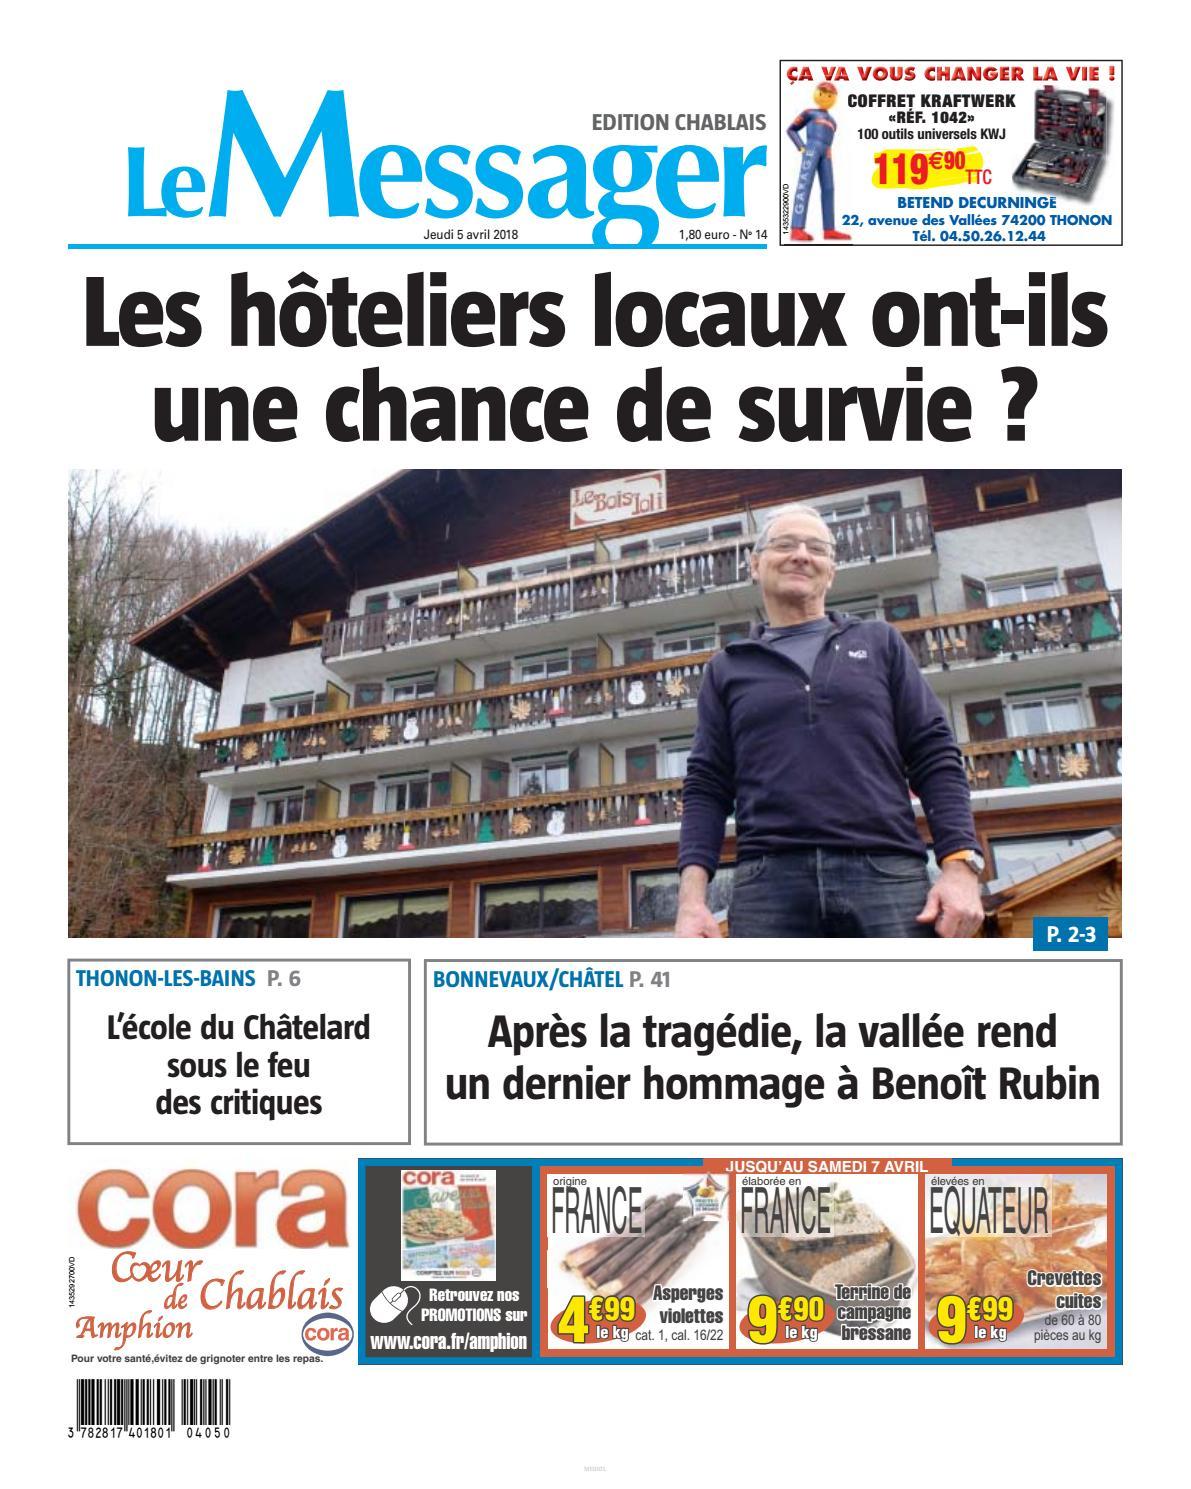 a166cc0e4ece4 Association Léman Nordique by Le messager - issuu